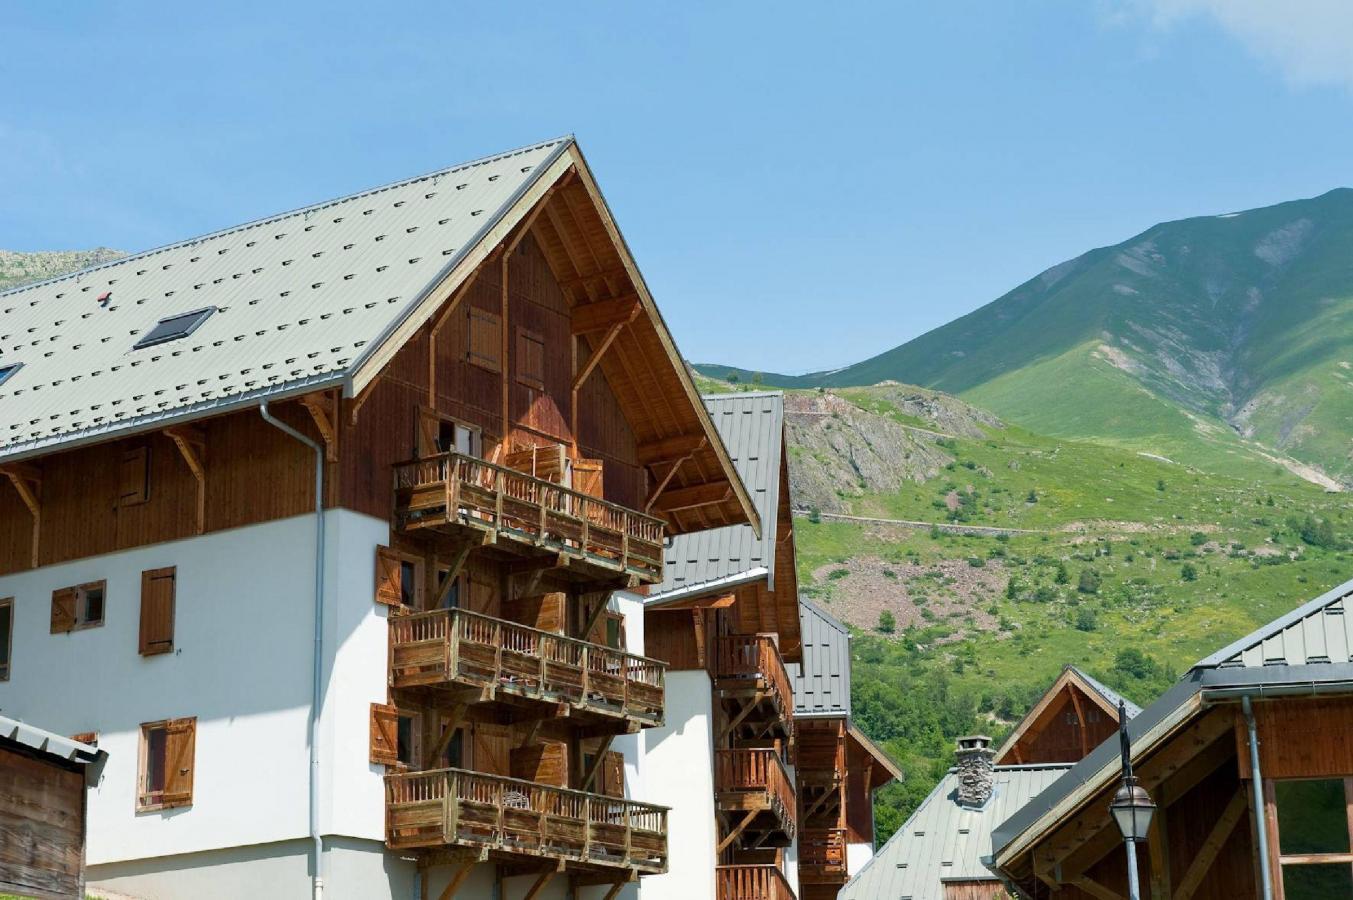 Vacances t la montagne saint sorlin d 39 arves avec for Vacances d ete a la montagne avec piscine